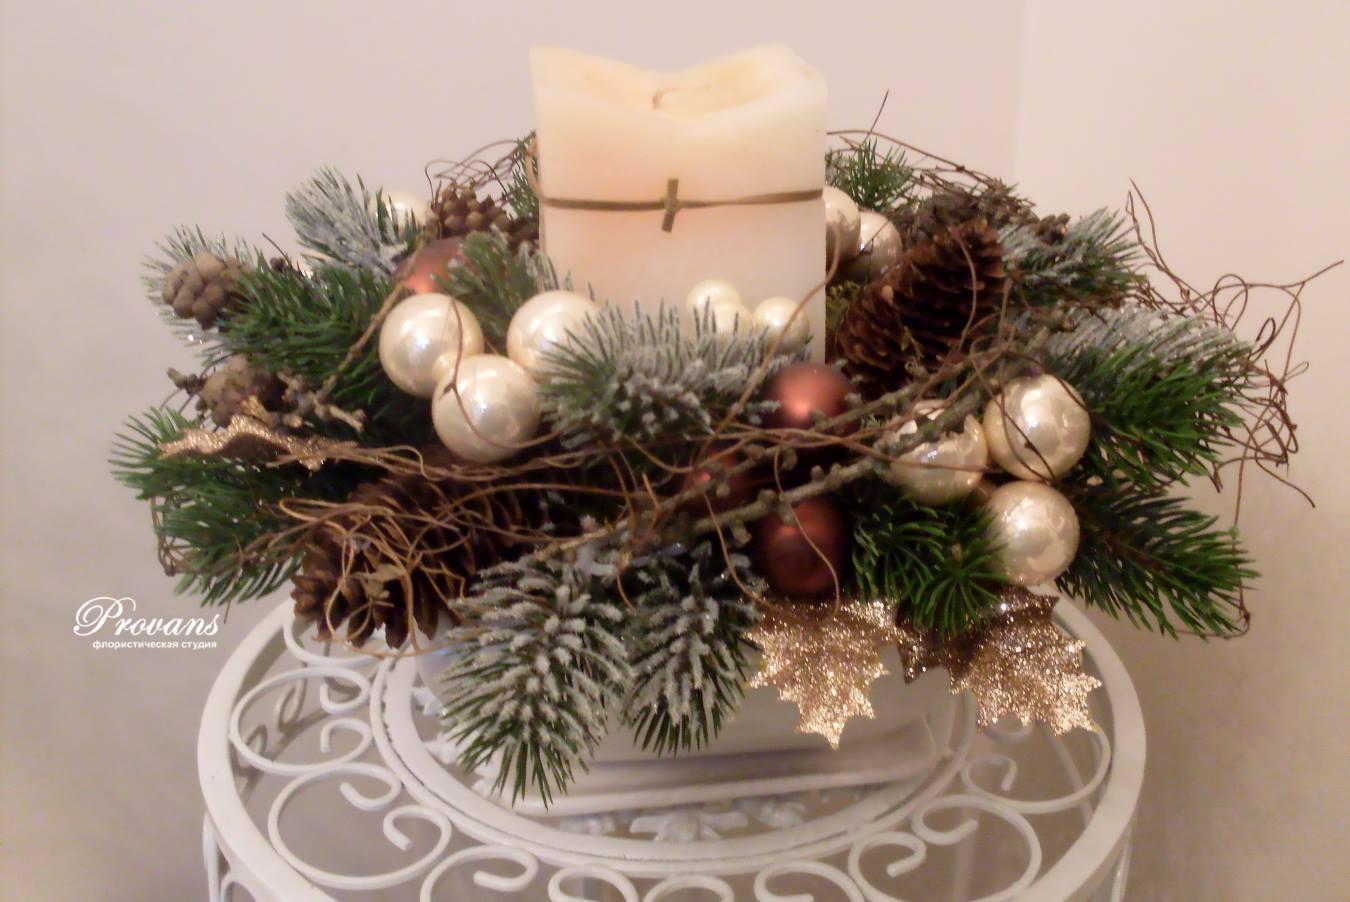 Украшение на рождество. Искусственная ель, свеча, шишки